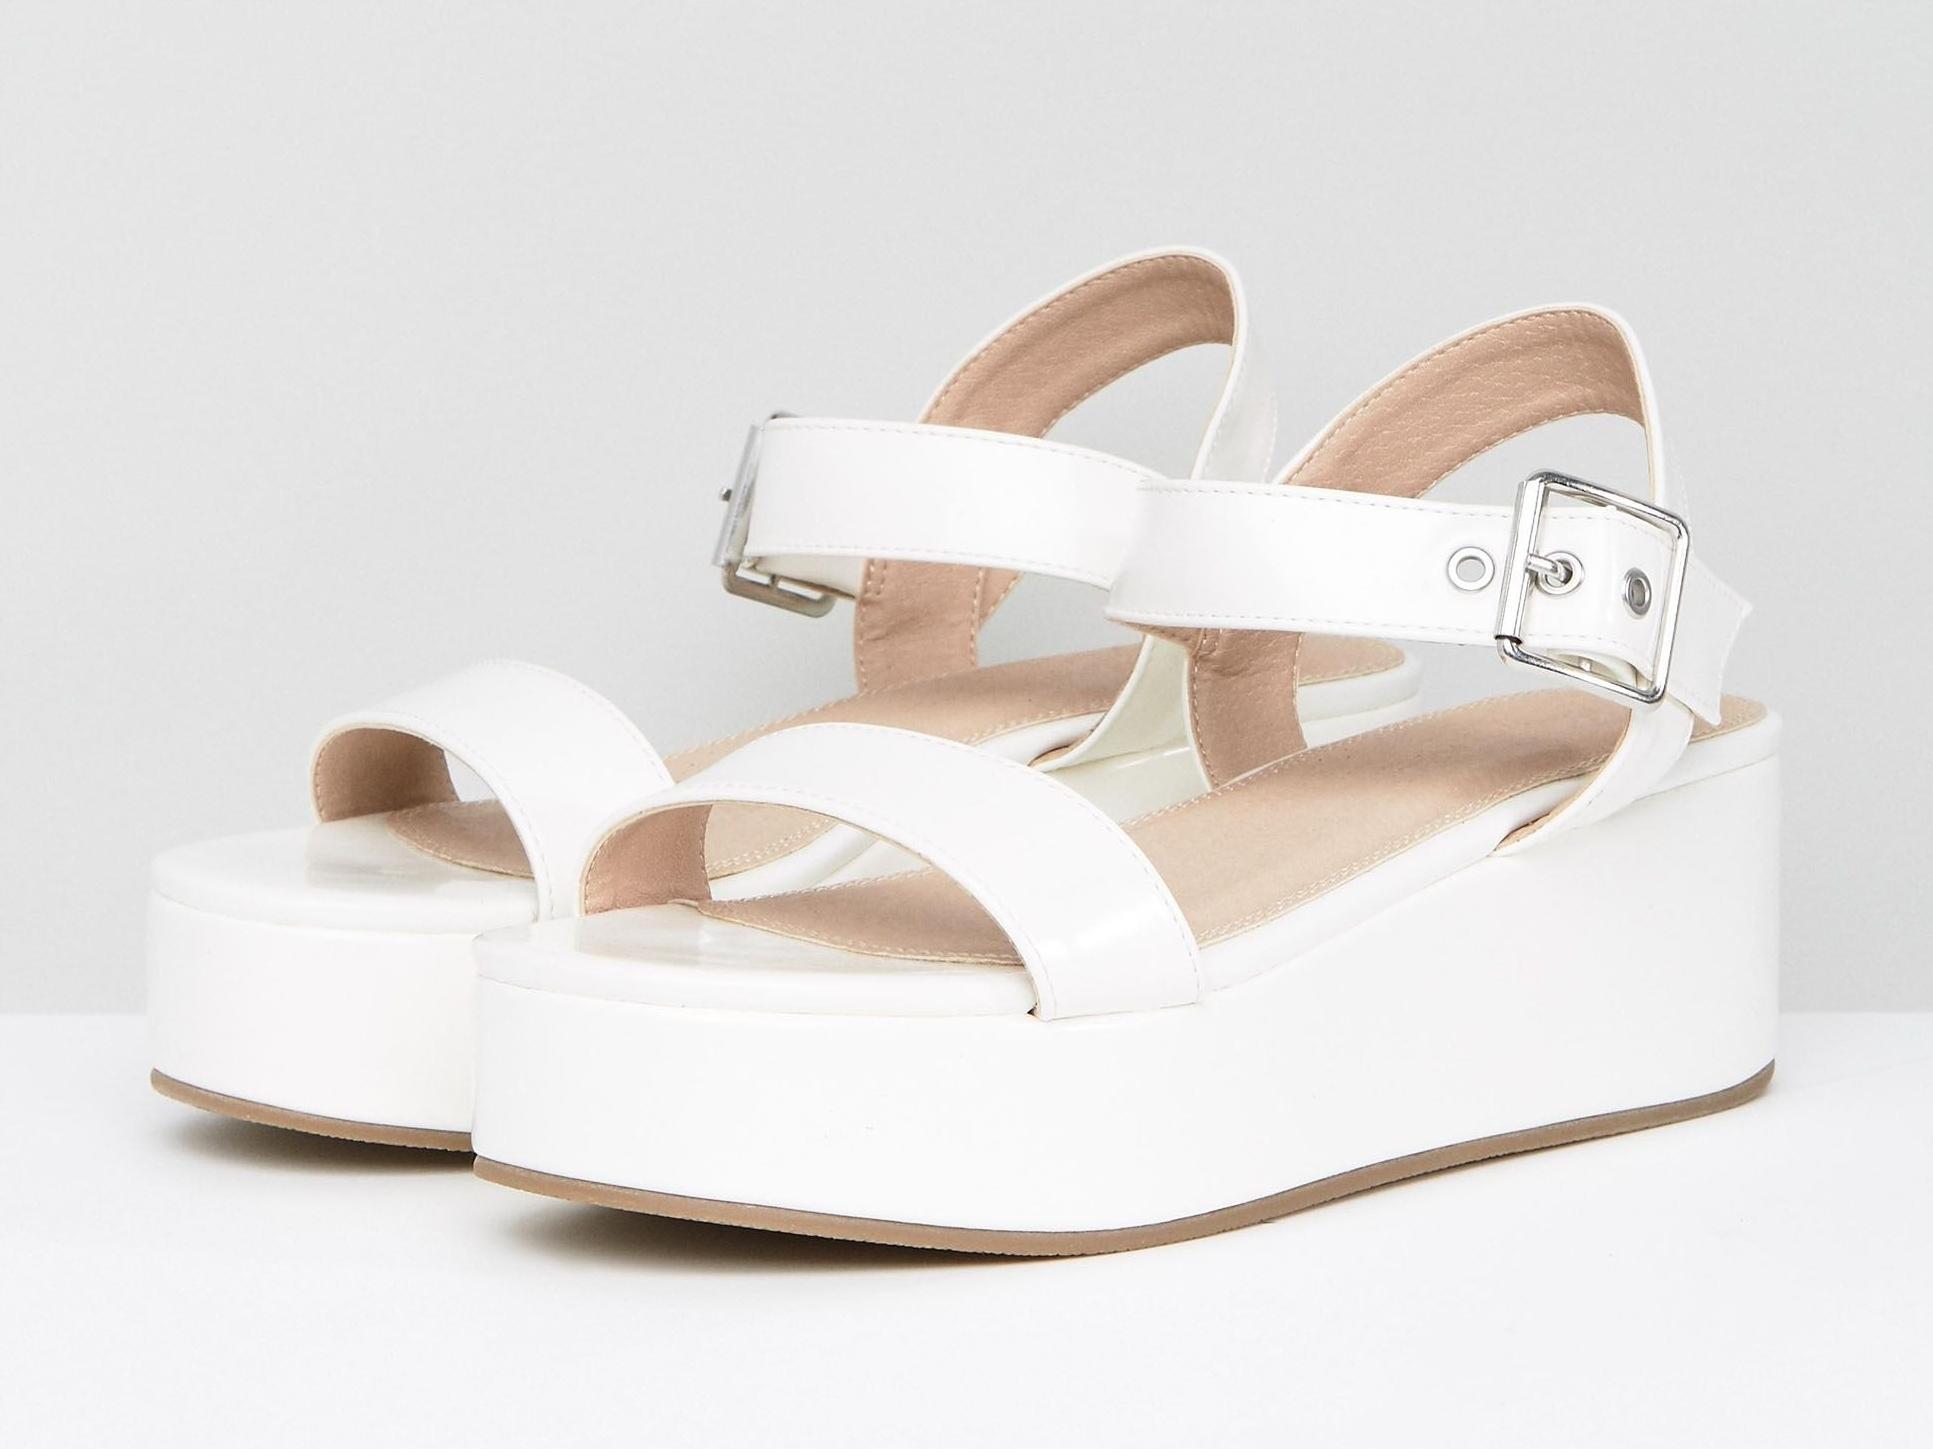 Aktualne Białe Sandały na Platformie 36 - 7603412266 - oficjalne archiwum OL67